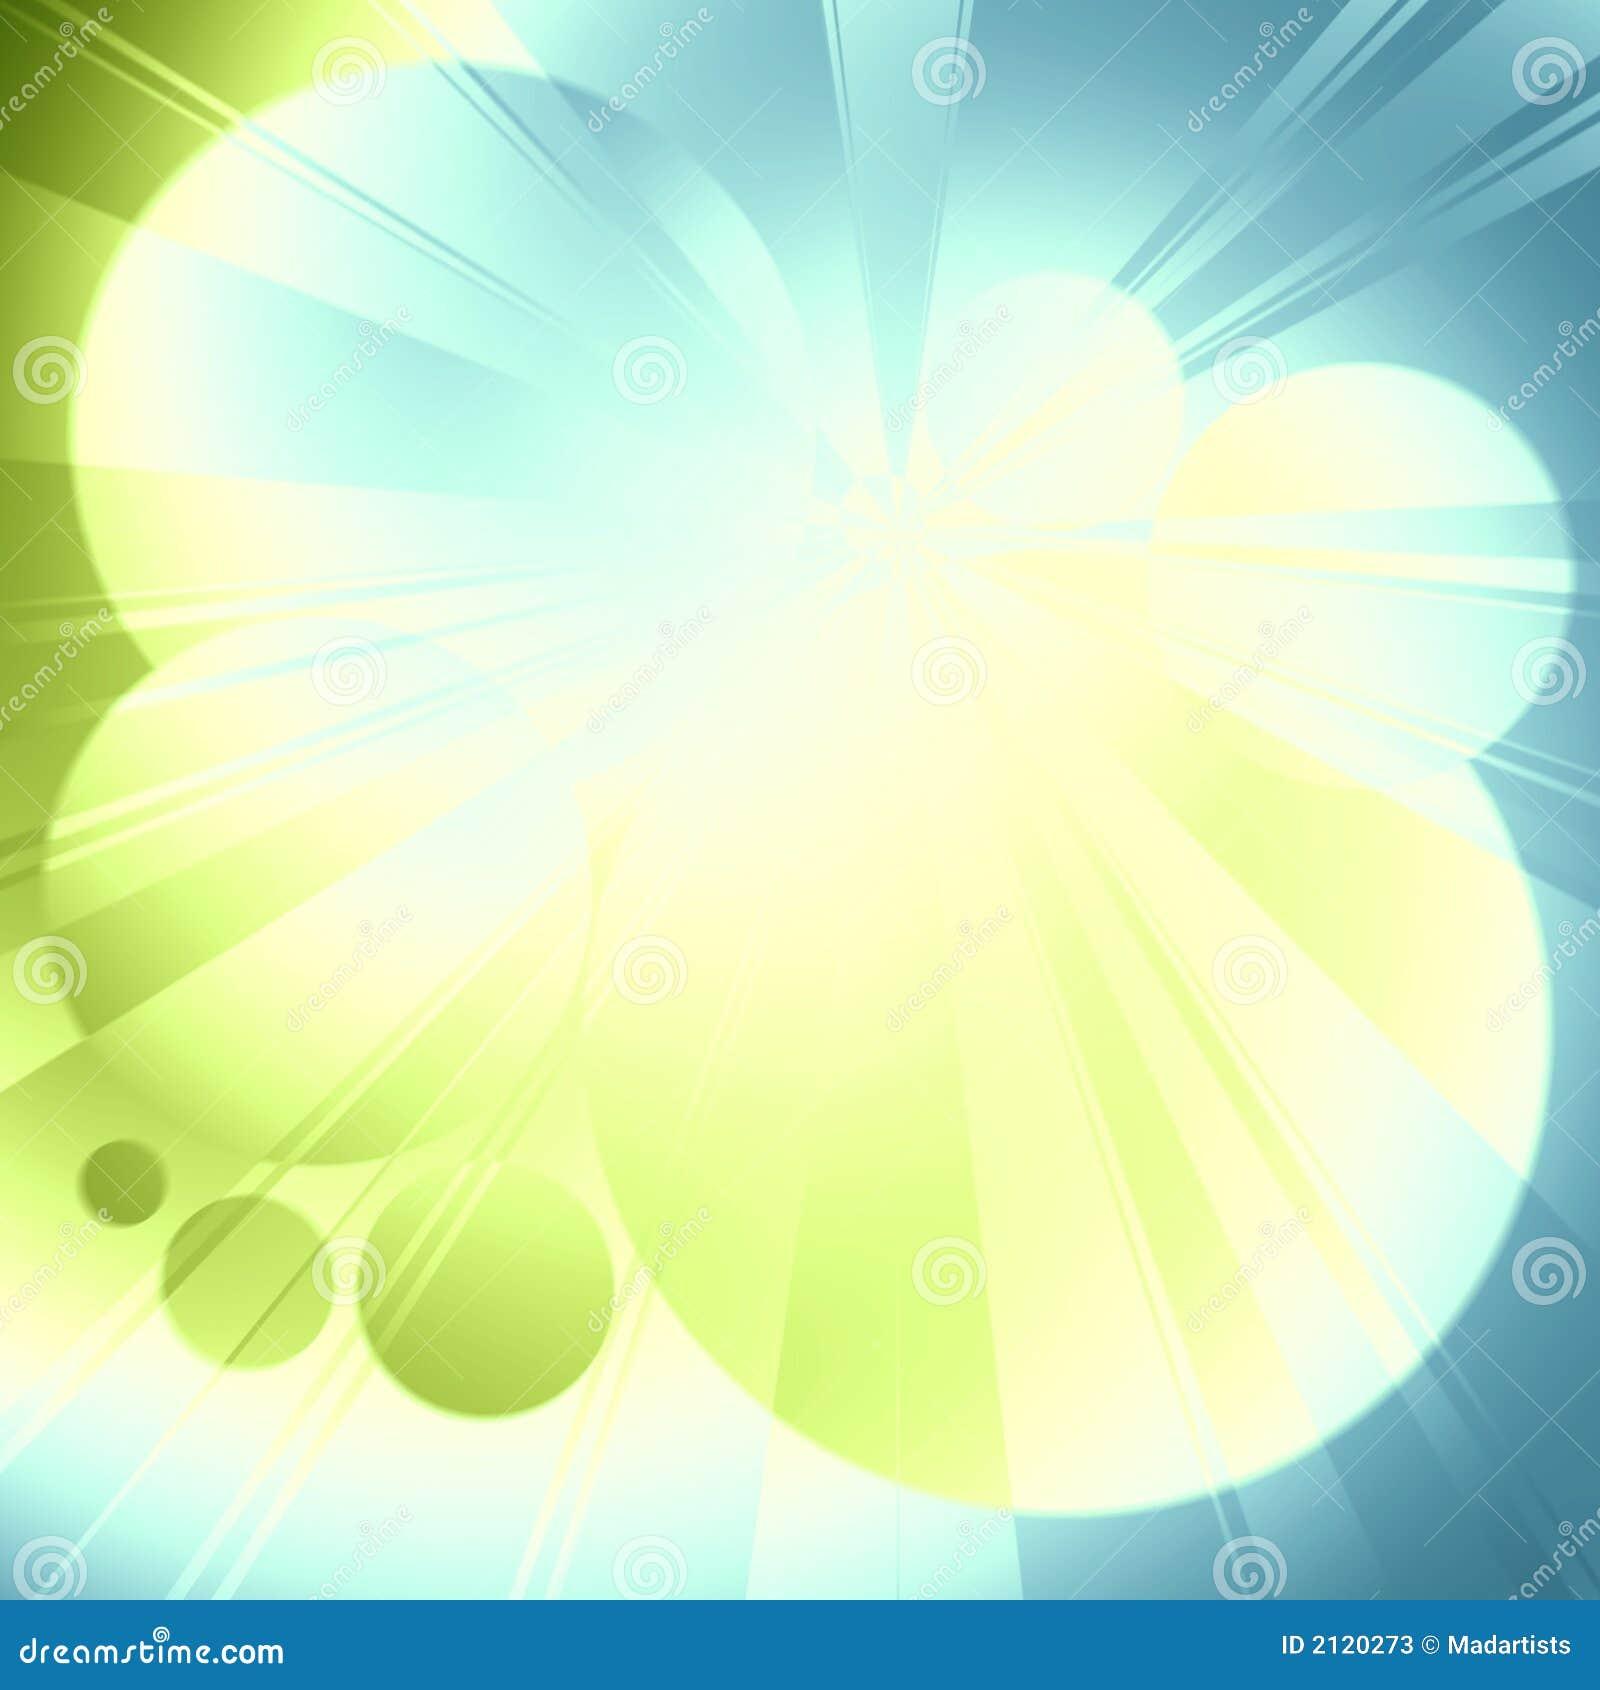 蓝色焕发绿灯光芒